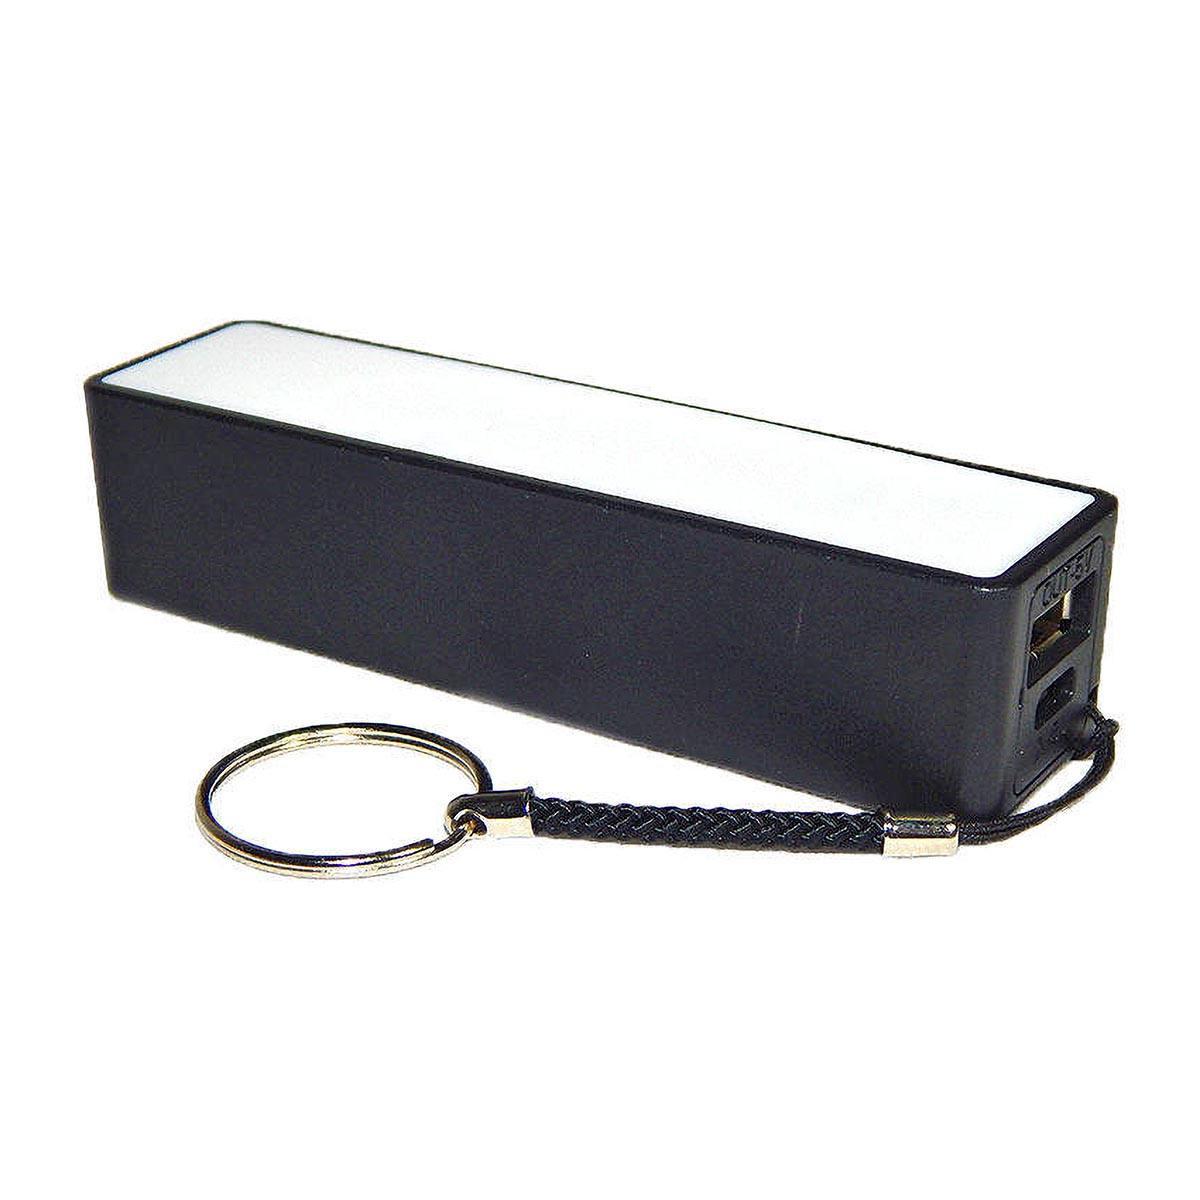 Power Bank de Bolso 2000mAh Carregador Portátil Pequeno para Celular Exbom PB-M1 Preto